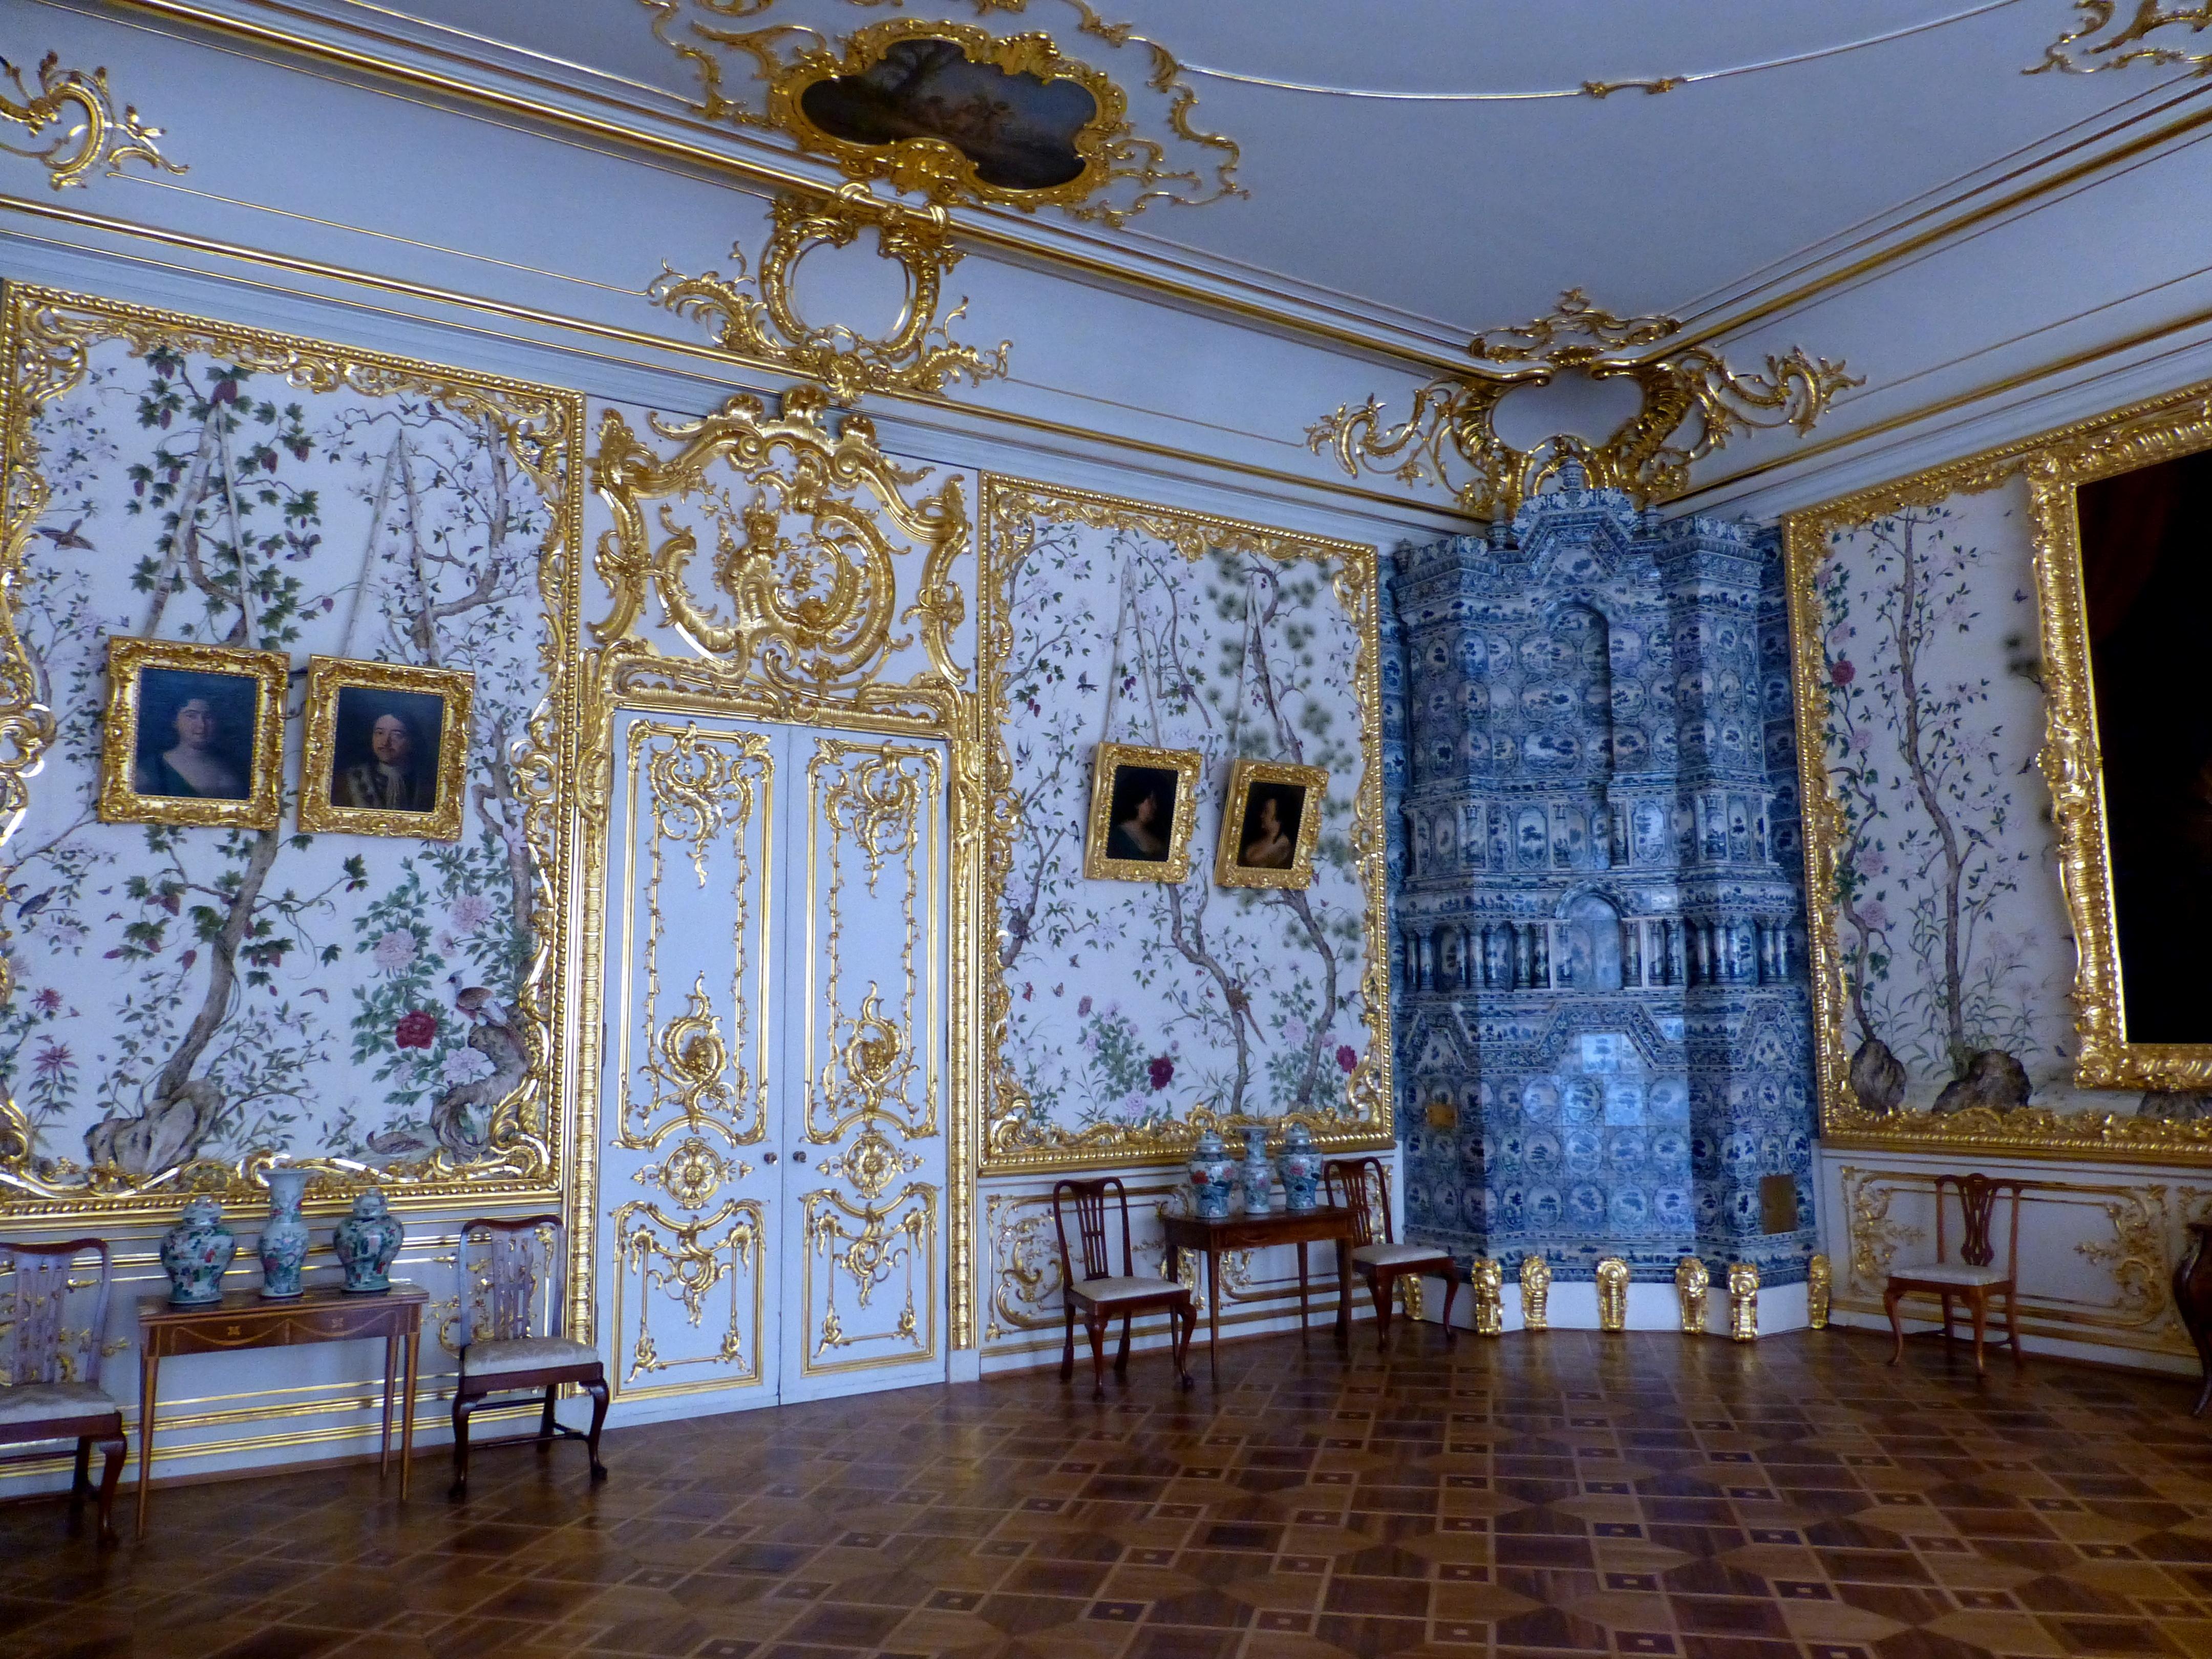 строится комнаты в екатерининском дворце картинки пути замечаем красивое